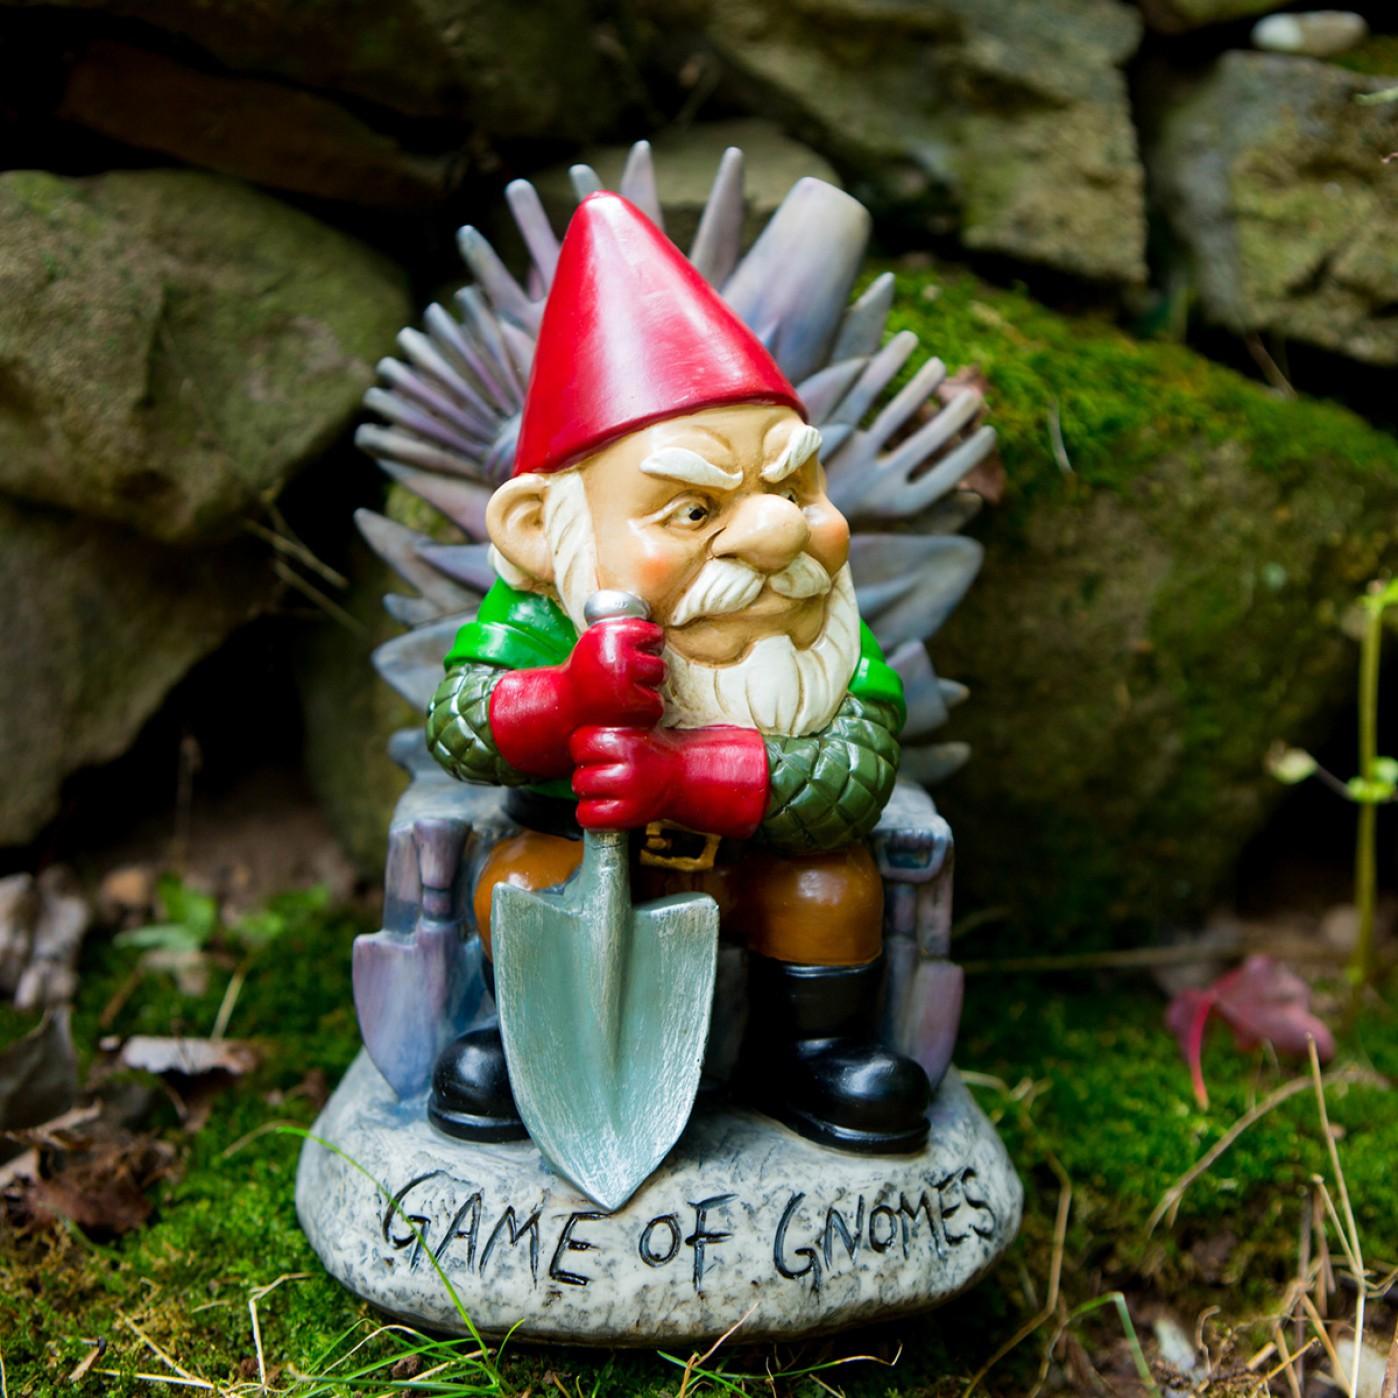 nain-de-jardin-game-of-gnomes-thrones-cadeaux-folies-site-cadeaux-homme-geek